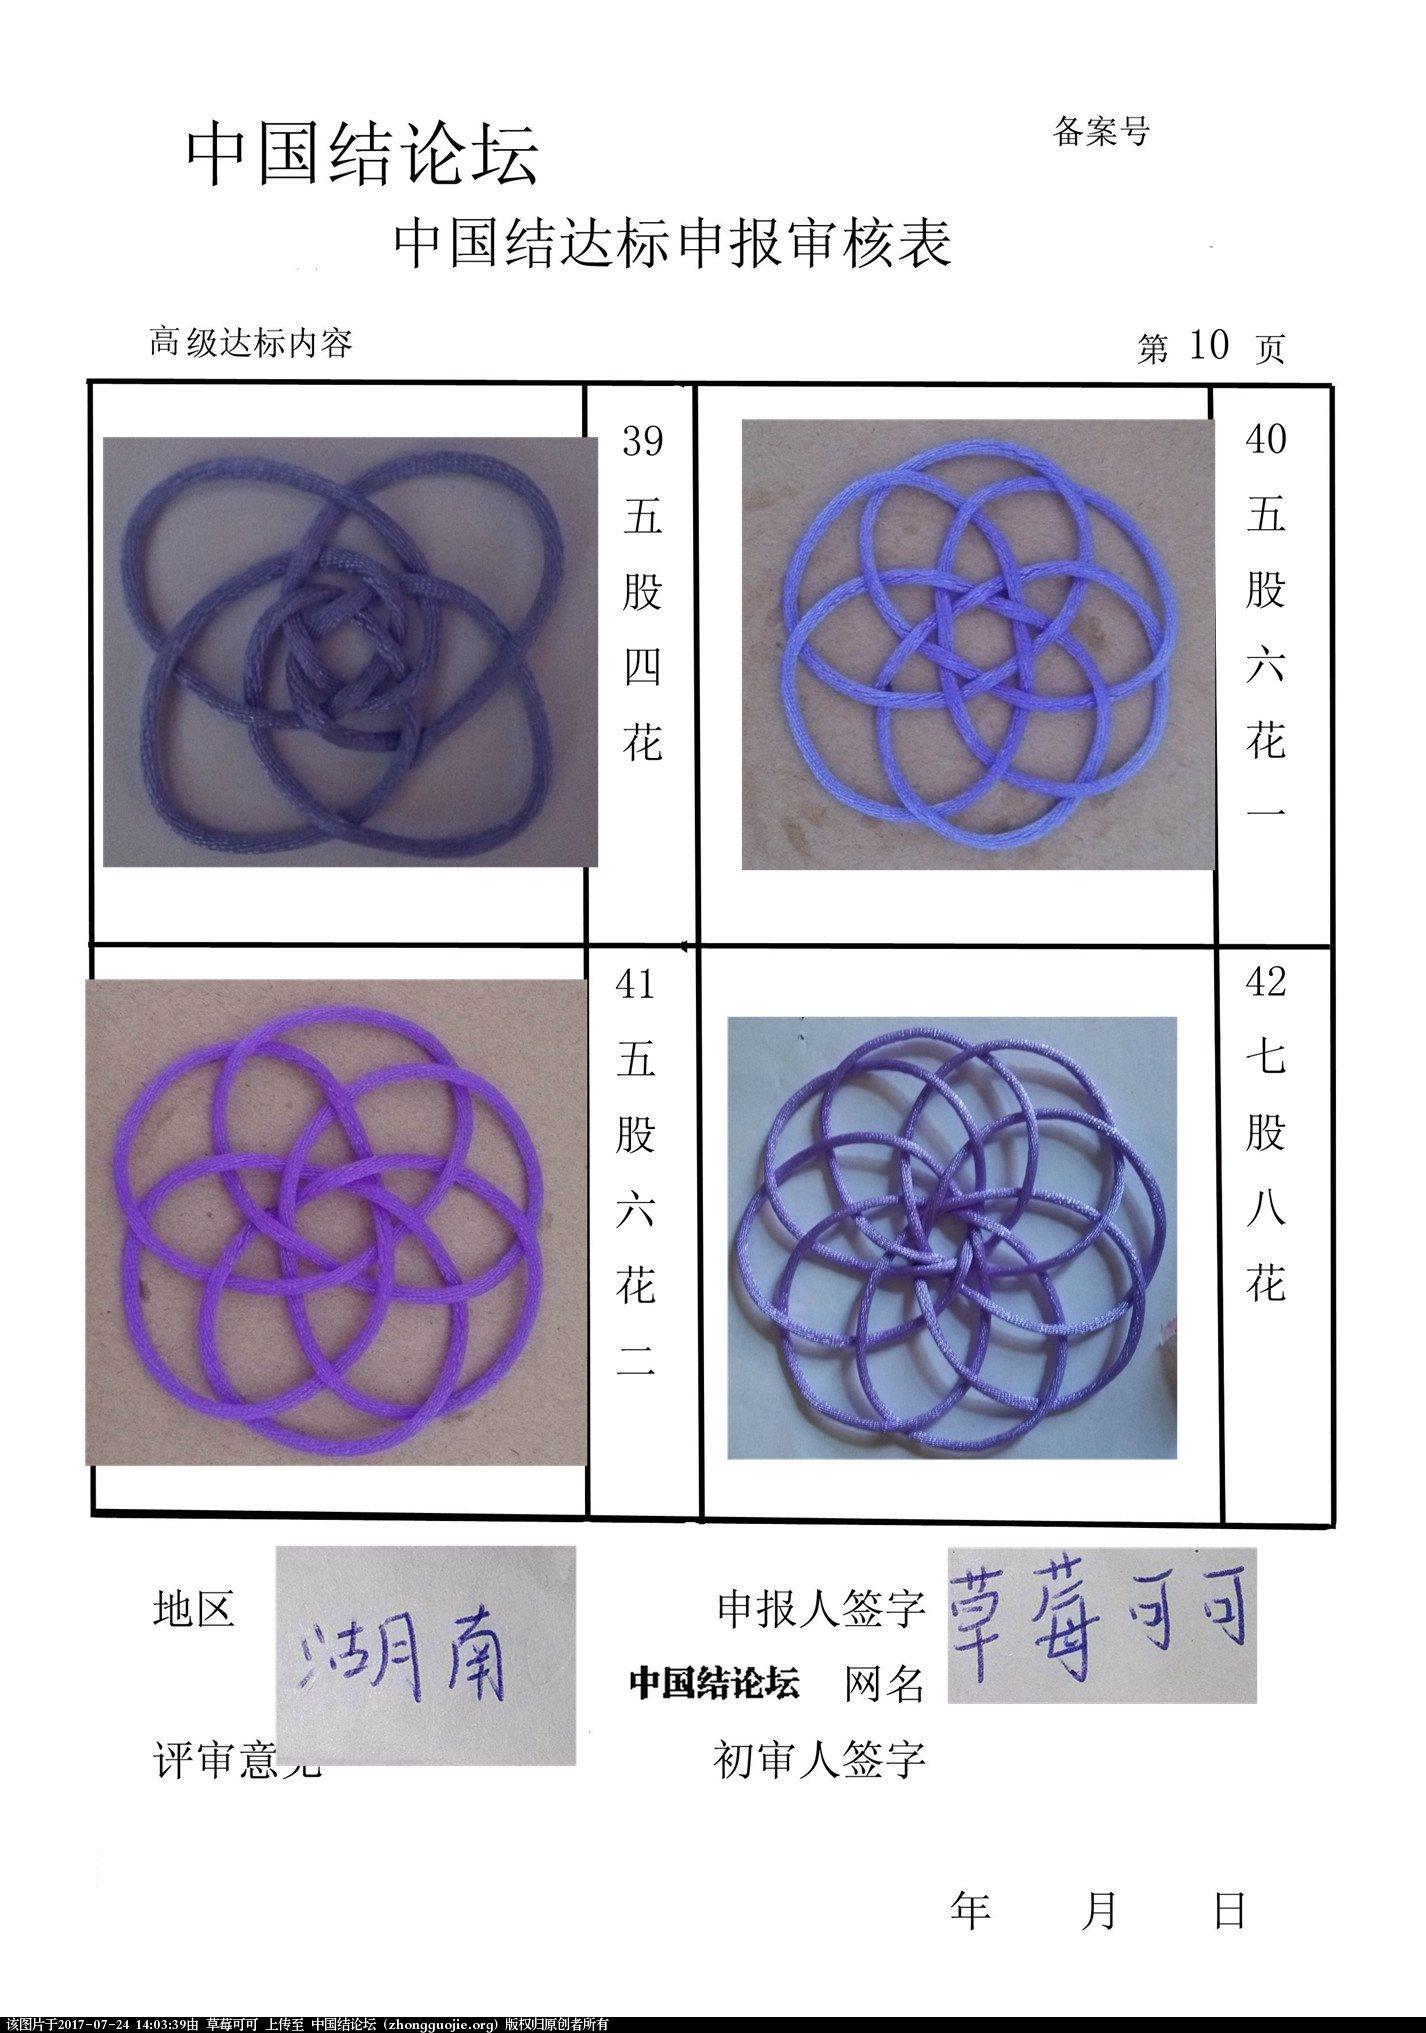 中国结论坛 草莓可可高级达标考核,已重做  中国绳结艺术分级达标审核 140331k2pljykcy98jc9nc